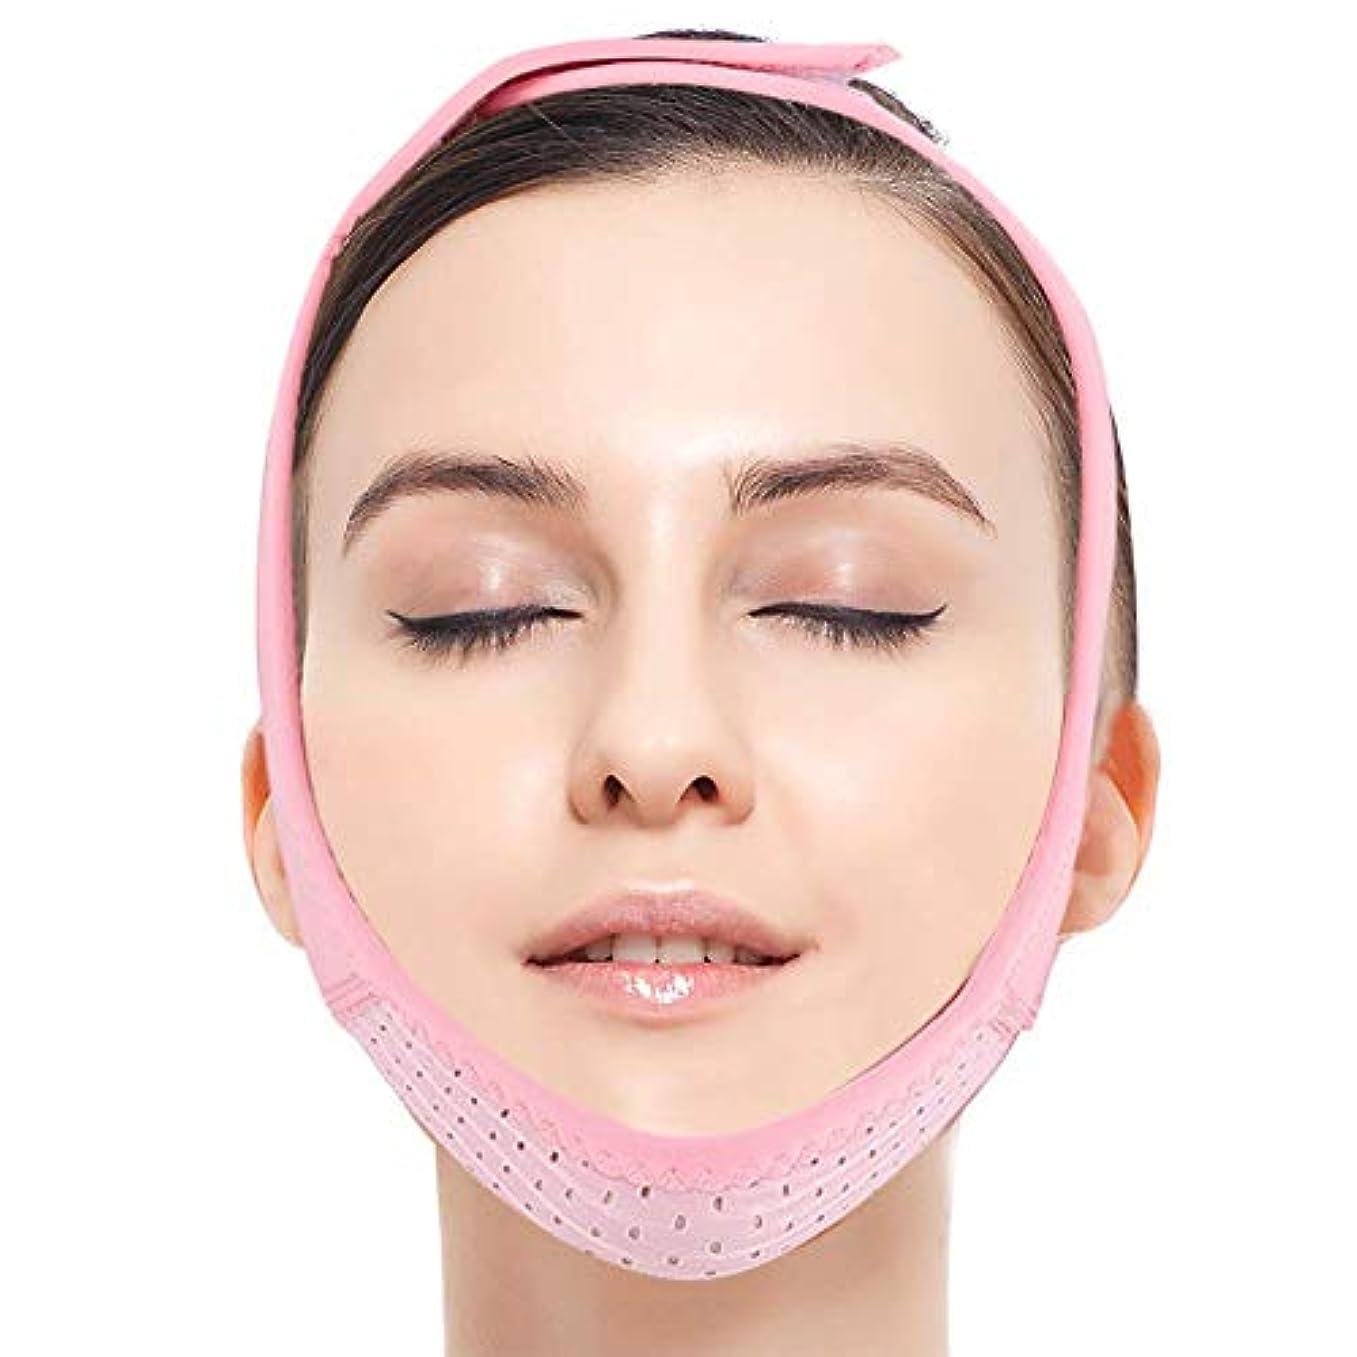 一時解雇する慎重に加速する女性のための顔のリフティングベルト、顔のリフティングスリミング弾性ベルト、Vラインチンチークリフトアップバンド、二重あごケア減量Vフェイスアンチリンクル